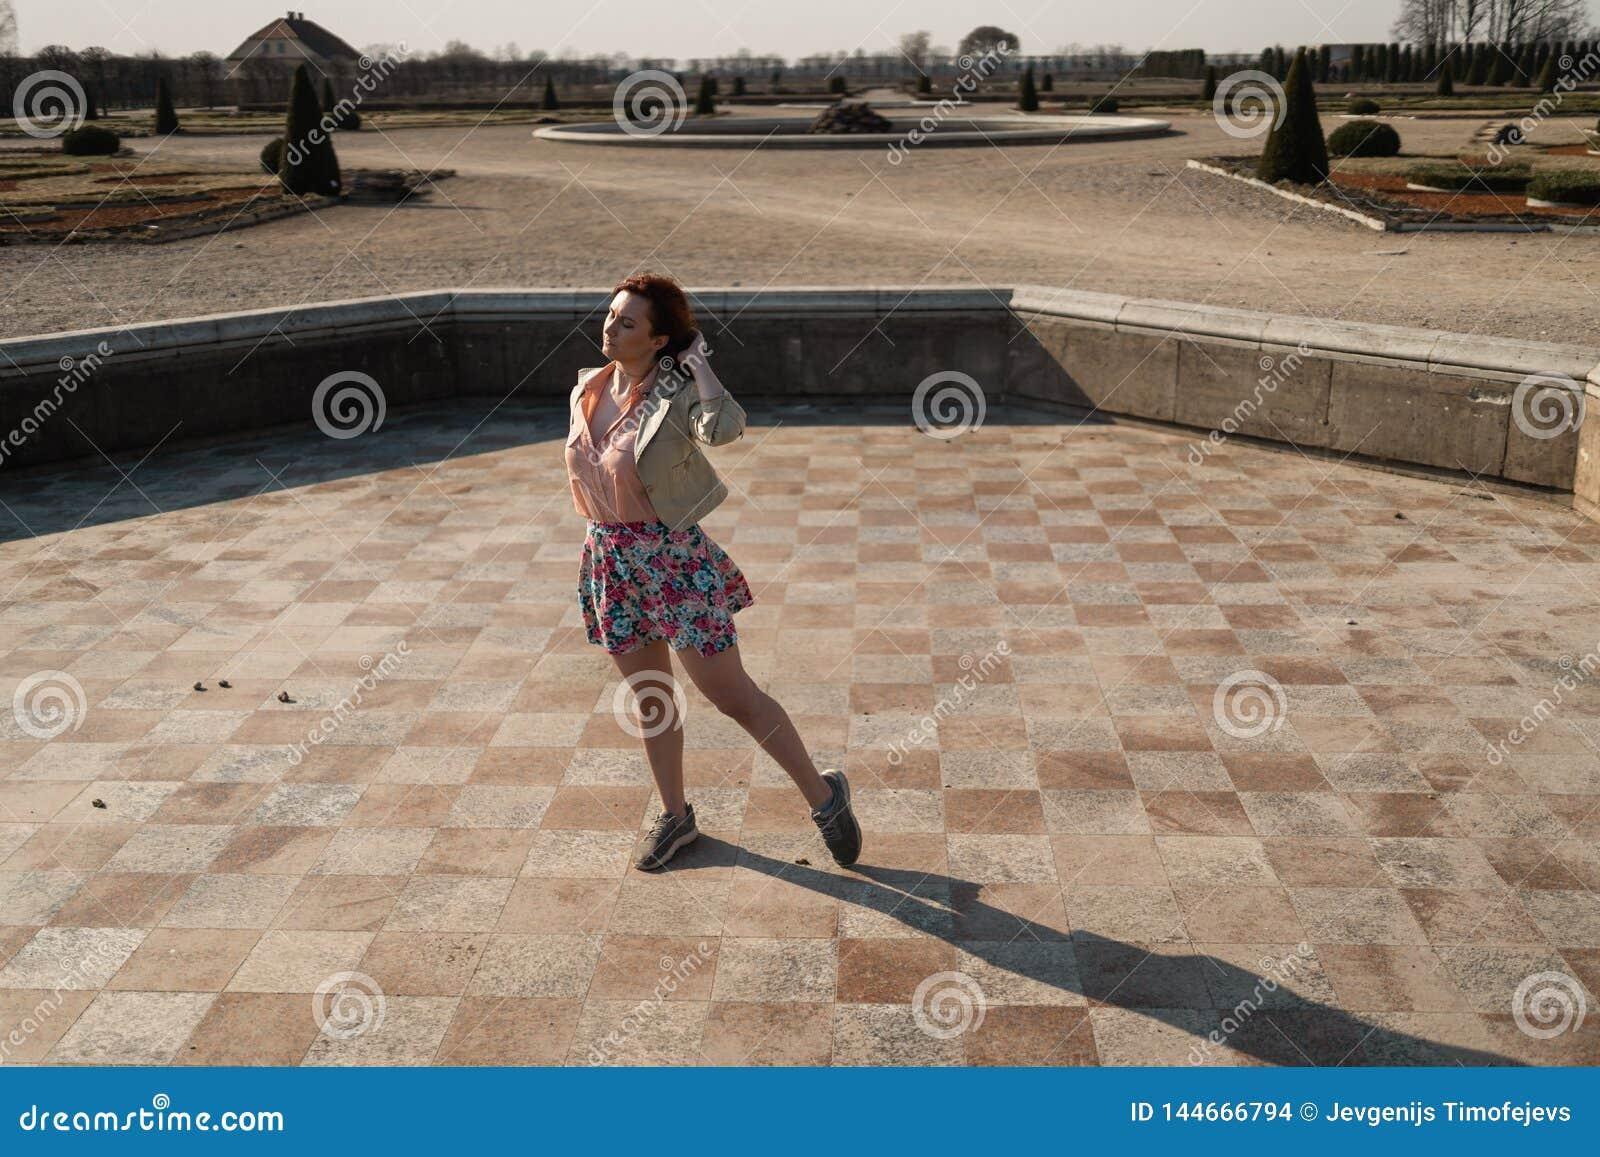 Gelukkige jonge vrouw die in een lege fontein danst die een kleurrijke rok draagt